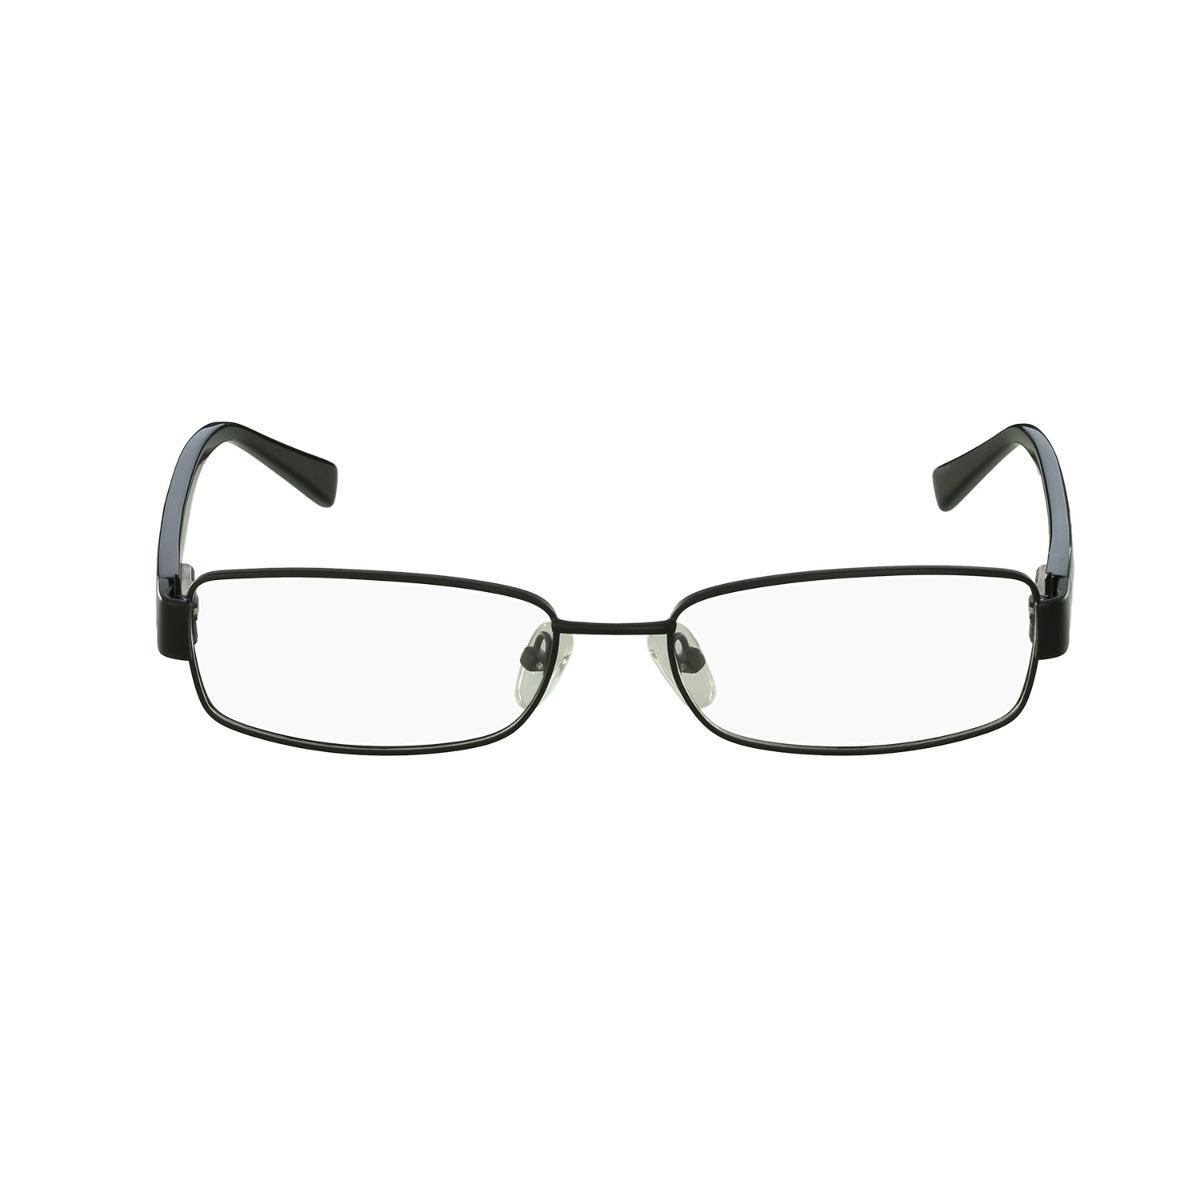 Óculos De Grau Polaroid Casual Preto - R  225,02 em Mercado Livre 119c8d3507